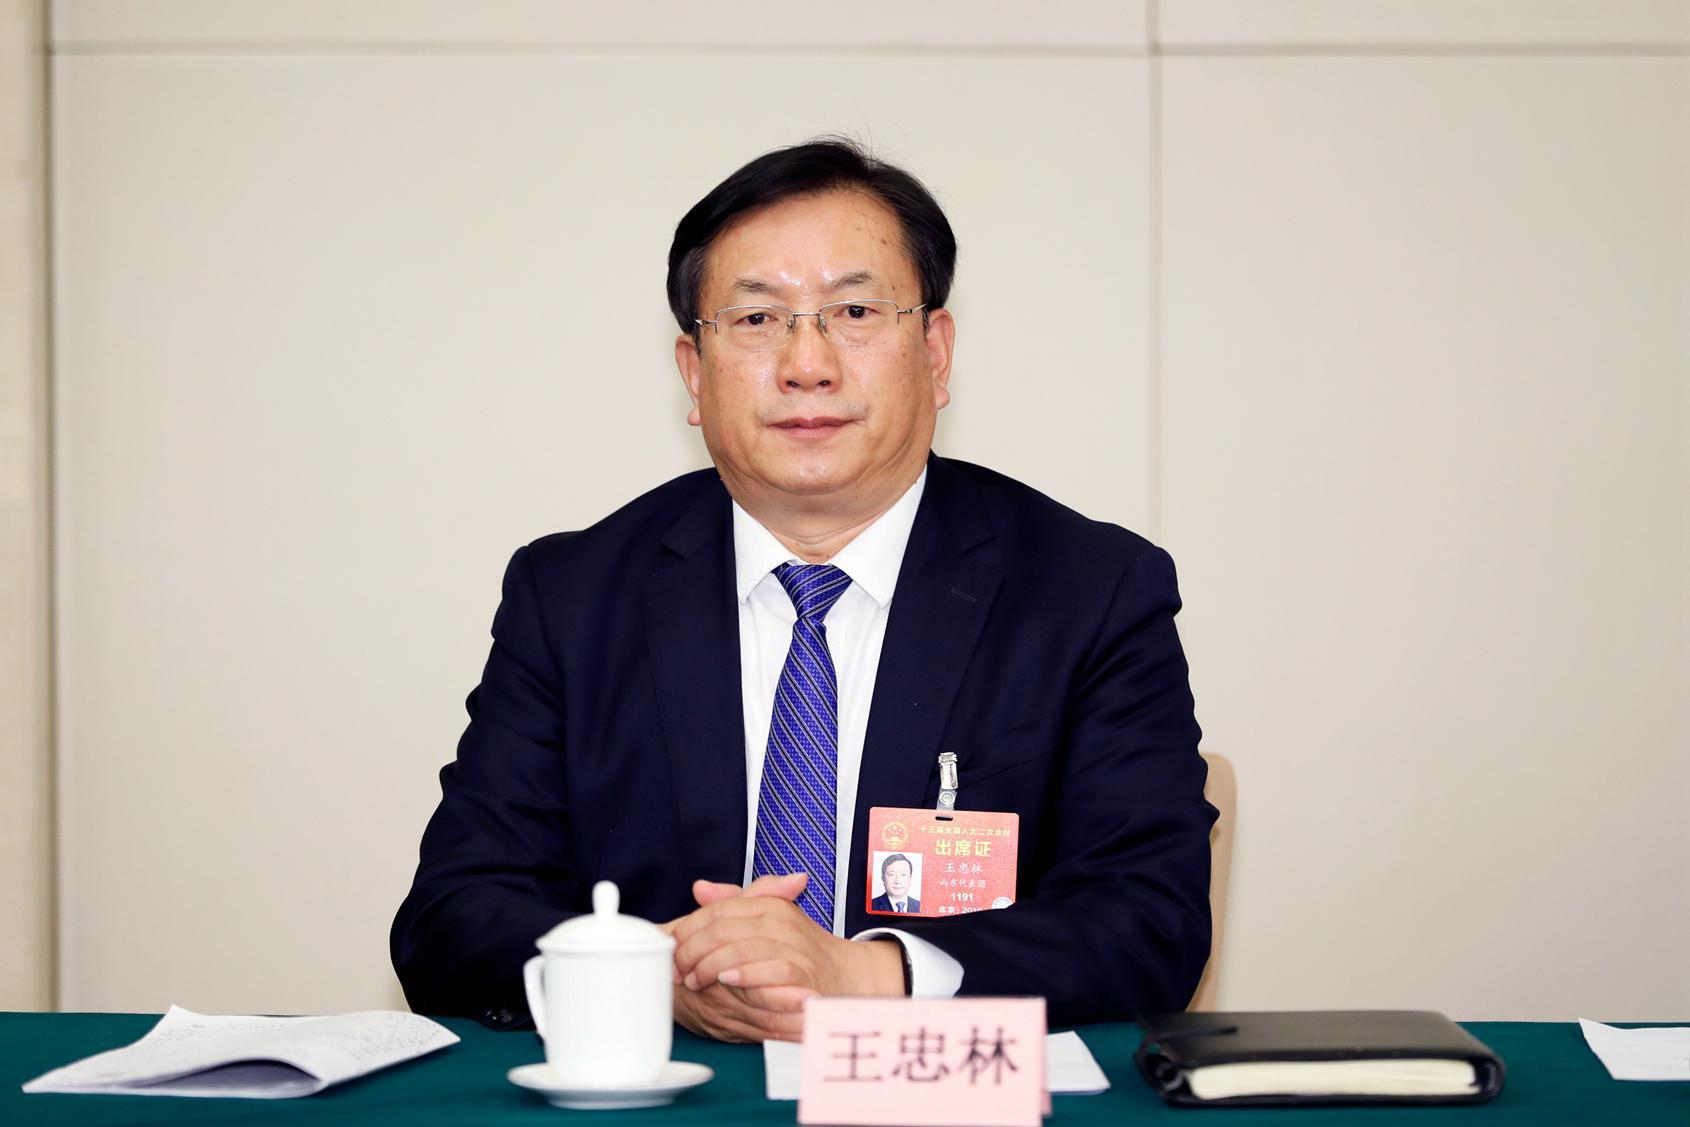 上海为什么不是国际大都市_全国人大代表王忠林:把济南建设成现代化国际大都市